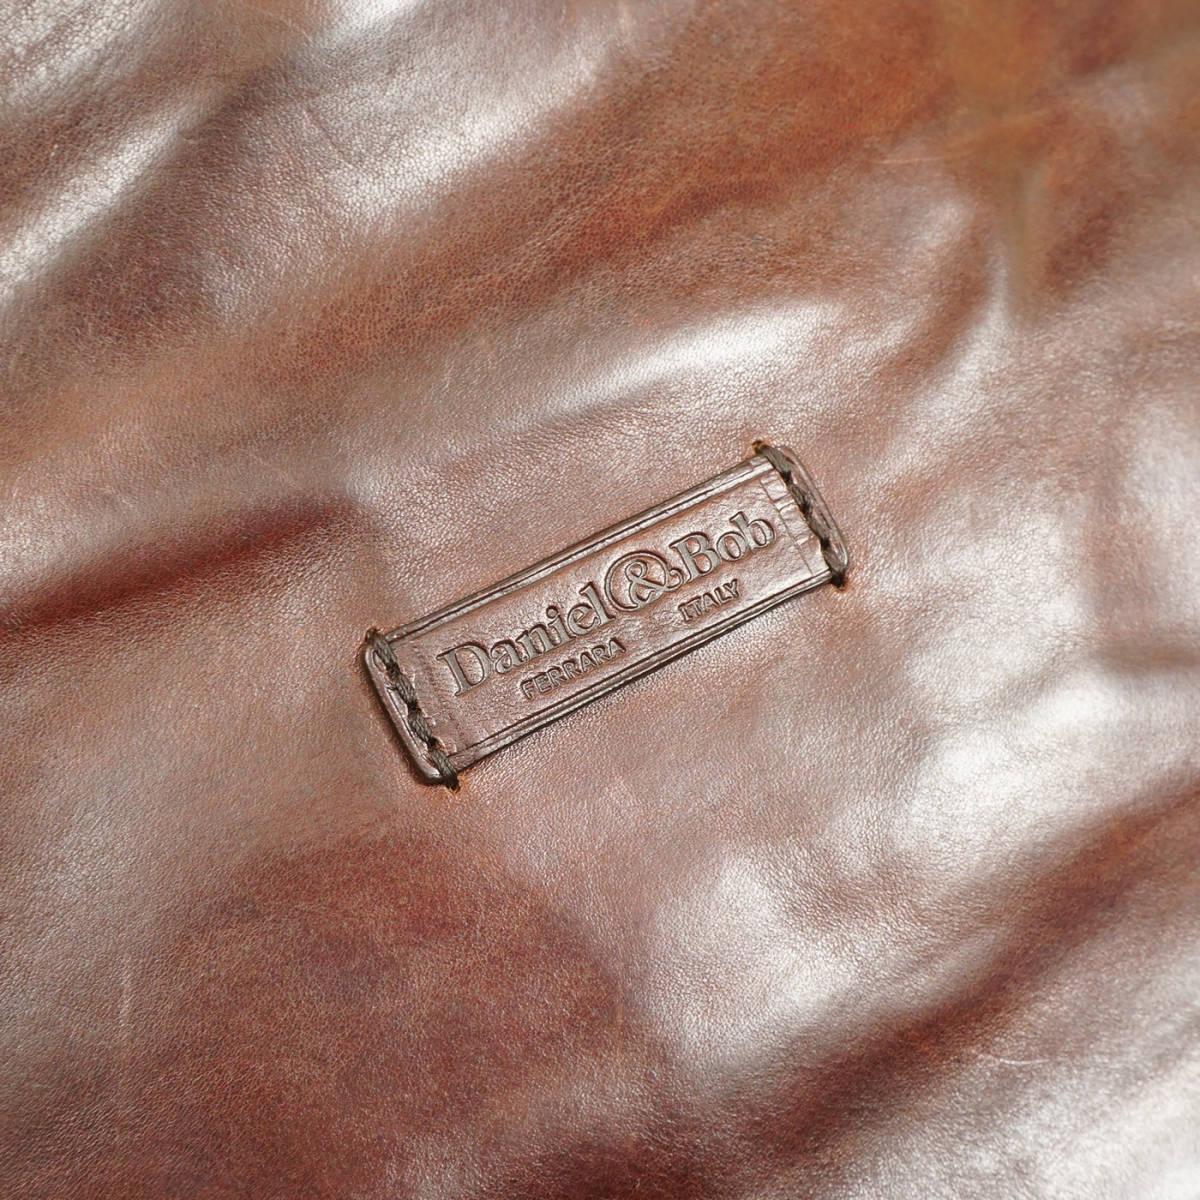 定価9万 美品 Daniel&Bob ORFEO 3way RODI ショルダーバッグ ITALY製 茶 ブラウン オールレザー 牛革 ダニエル&ボブ 管理127_画像6